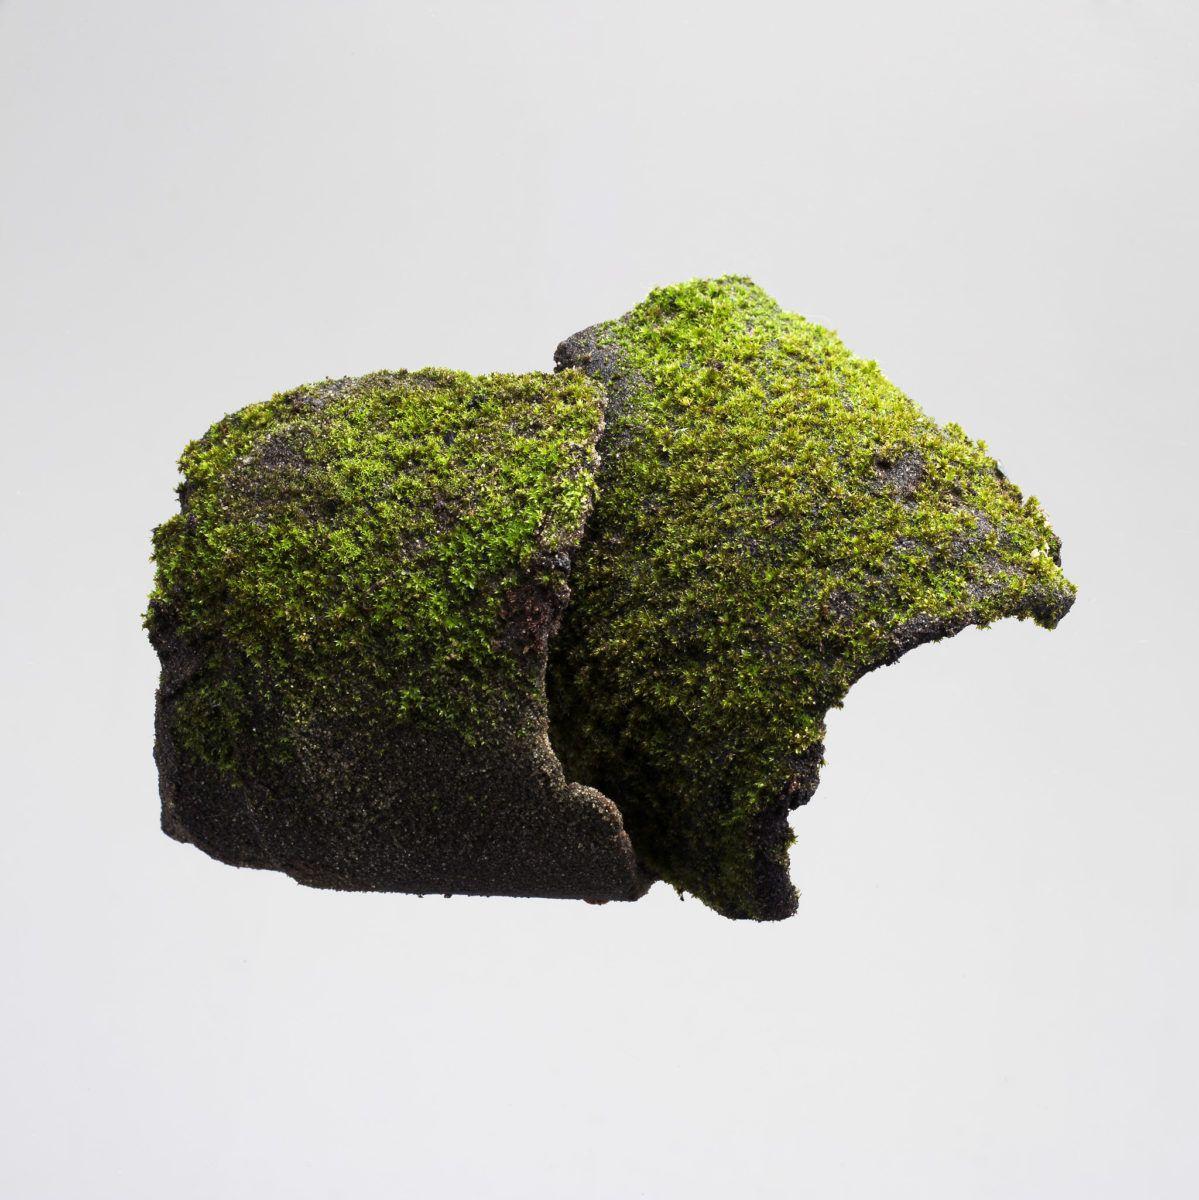 Tiers paysage, Mousse, prélèvement, Gilles Clément